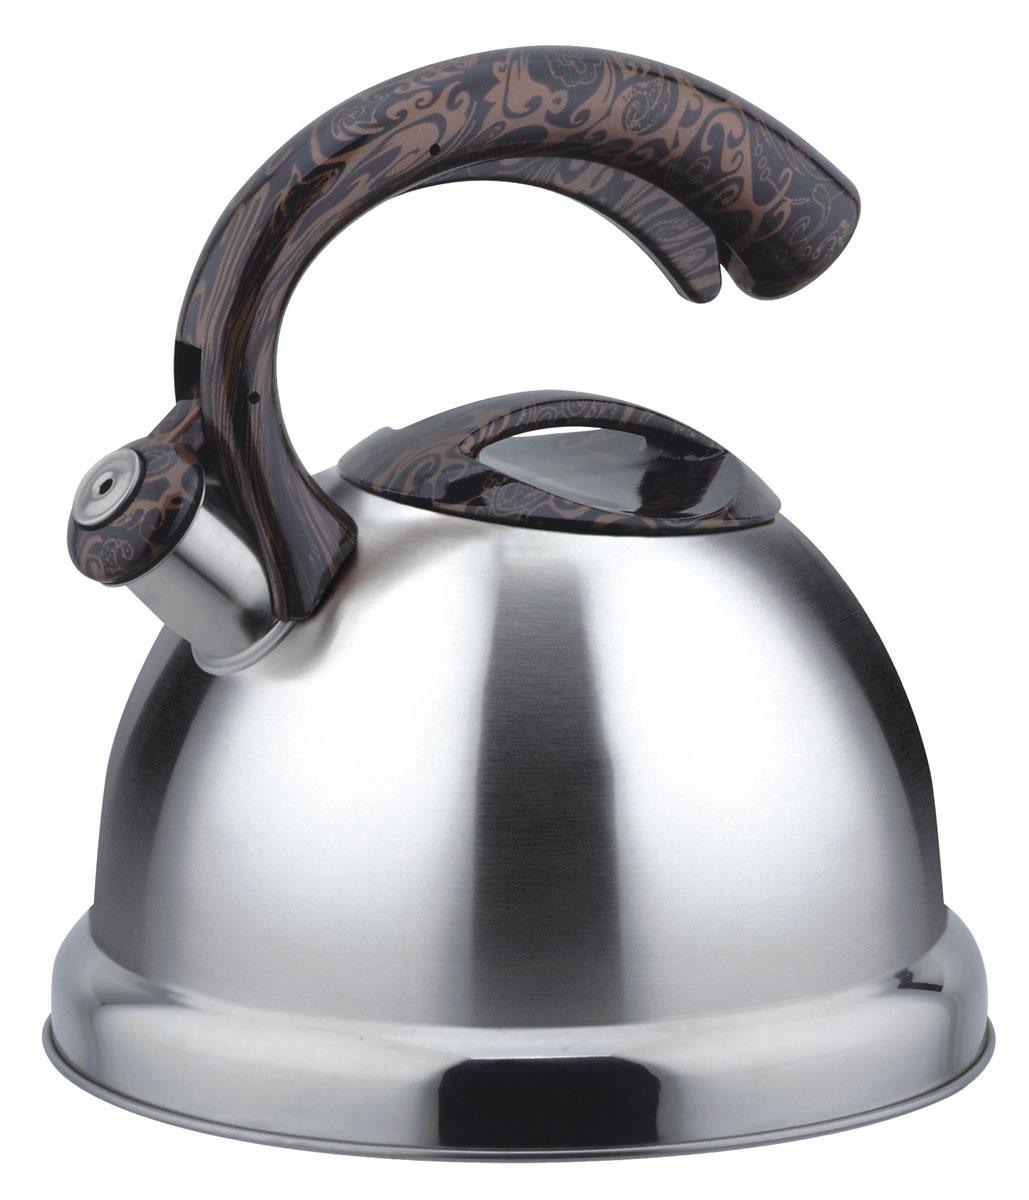 Чайник Bekker Koch со свистком, 3 л. BK-S454BK-S454Чайник Bekker Koch изготовлен из высококачественной нержавеющей стали 18/10. Поверхность матовая с зеркальной полосой по нижнему краю. Цельнометаллическое дно распределяет тепло по всей поверхности, что позволяет чайнику быстро закипать. Крышка и эргономичная фиксированная ручка выполнены из бакелита с изящным узором. Носик оснащен откидным свистком, который подскажет, когда вода закипела. Свисток открывается и закрывается нажатием рычага на ручке. Подходит для всех типов плит, включая индукционные. Можно мыть в посудомоечной машине.